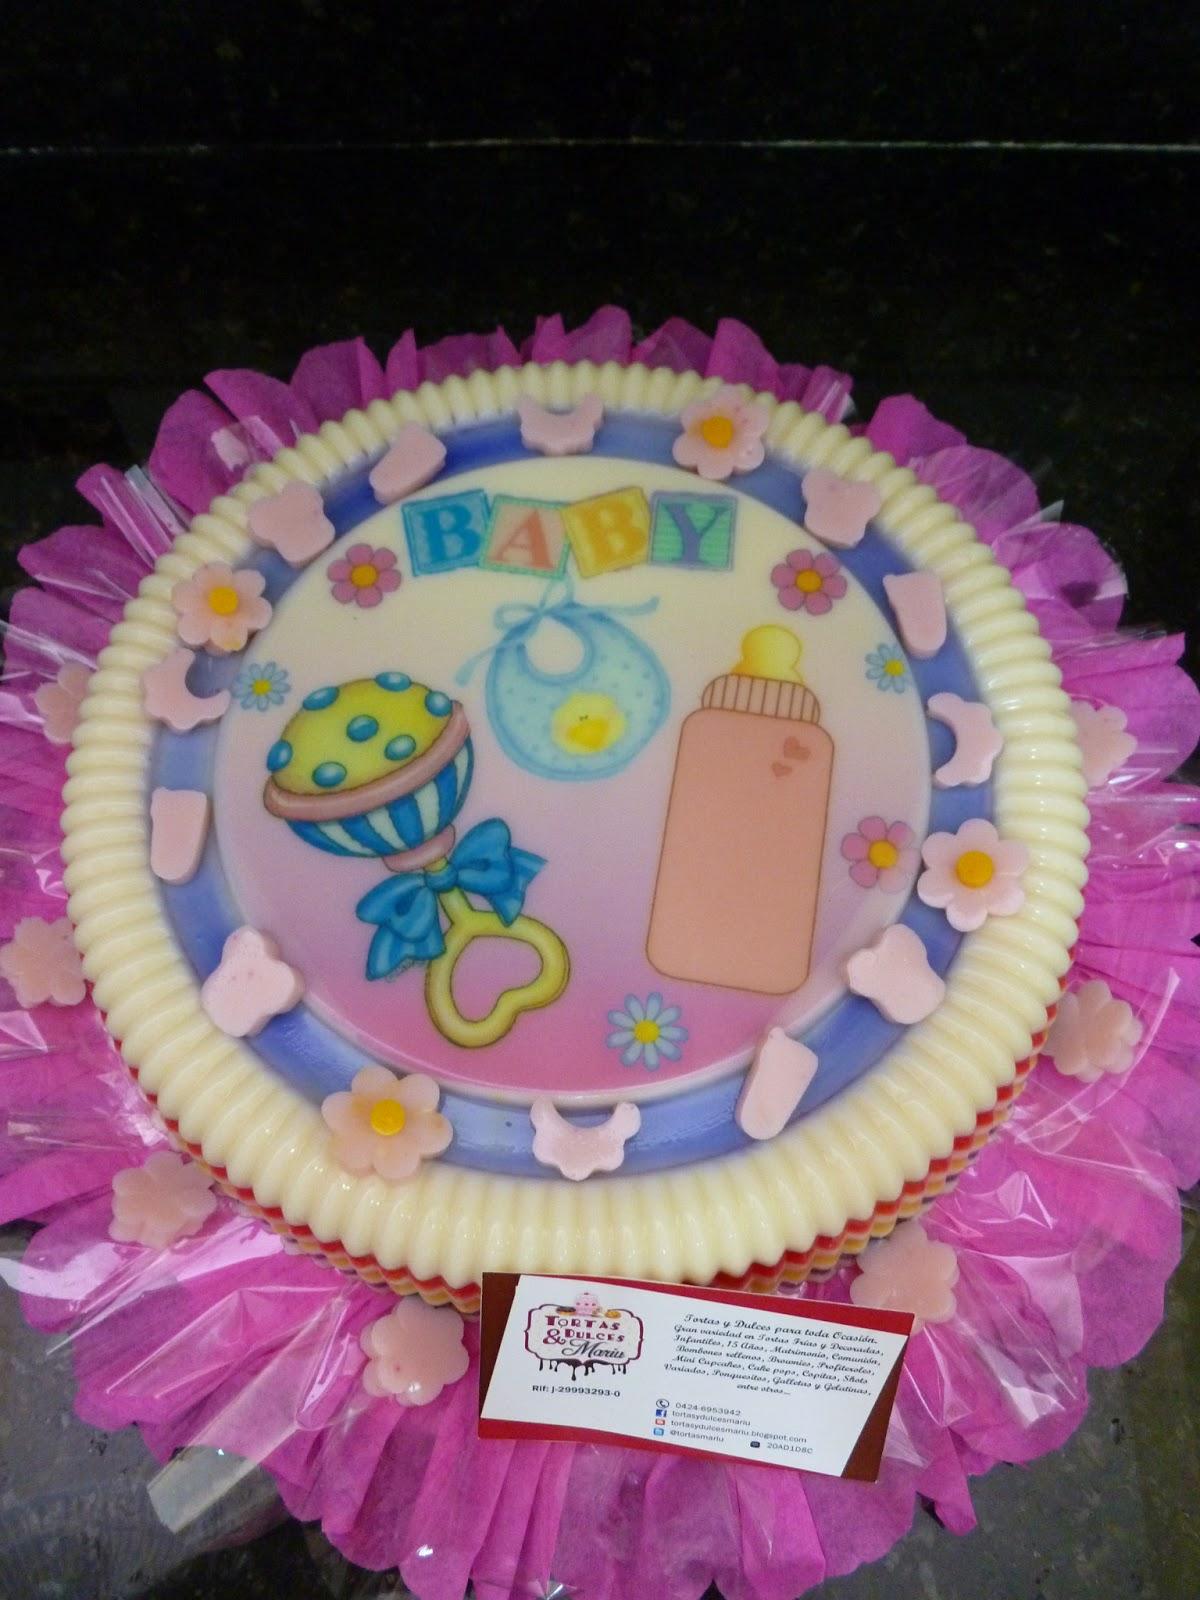 Gelatinas Decoradas | Tortas y Dulces Mariu